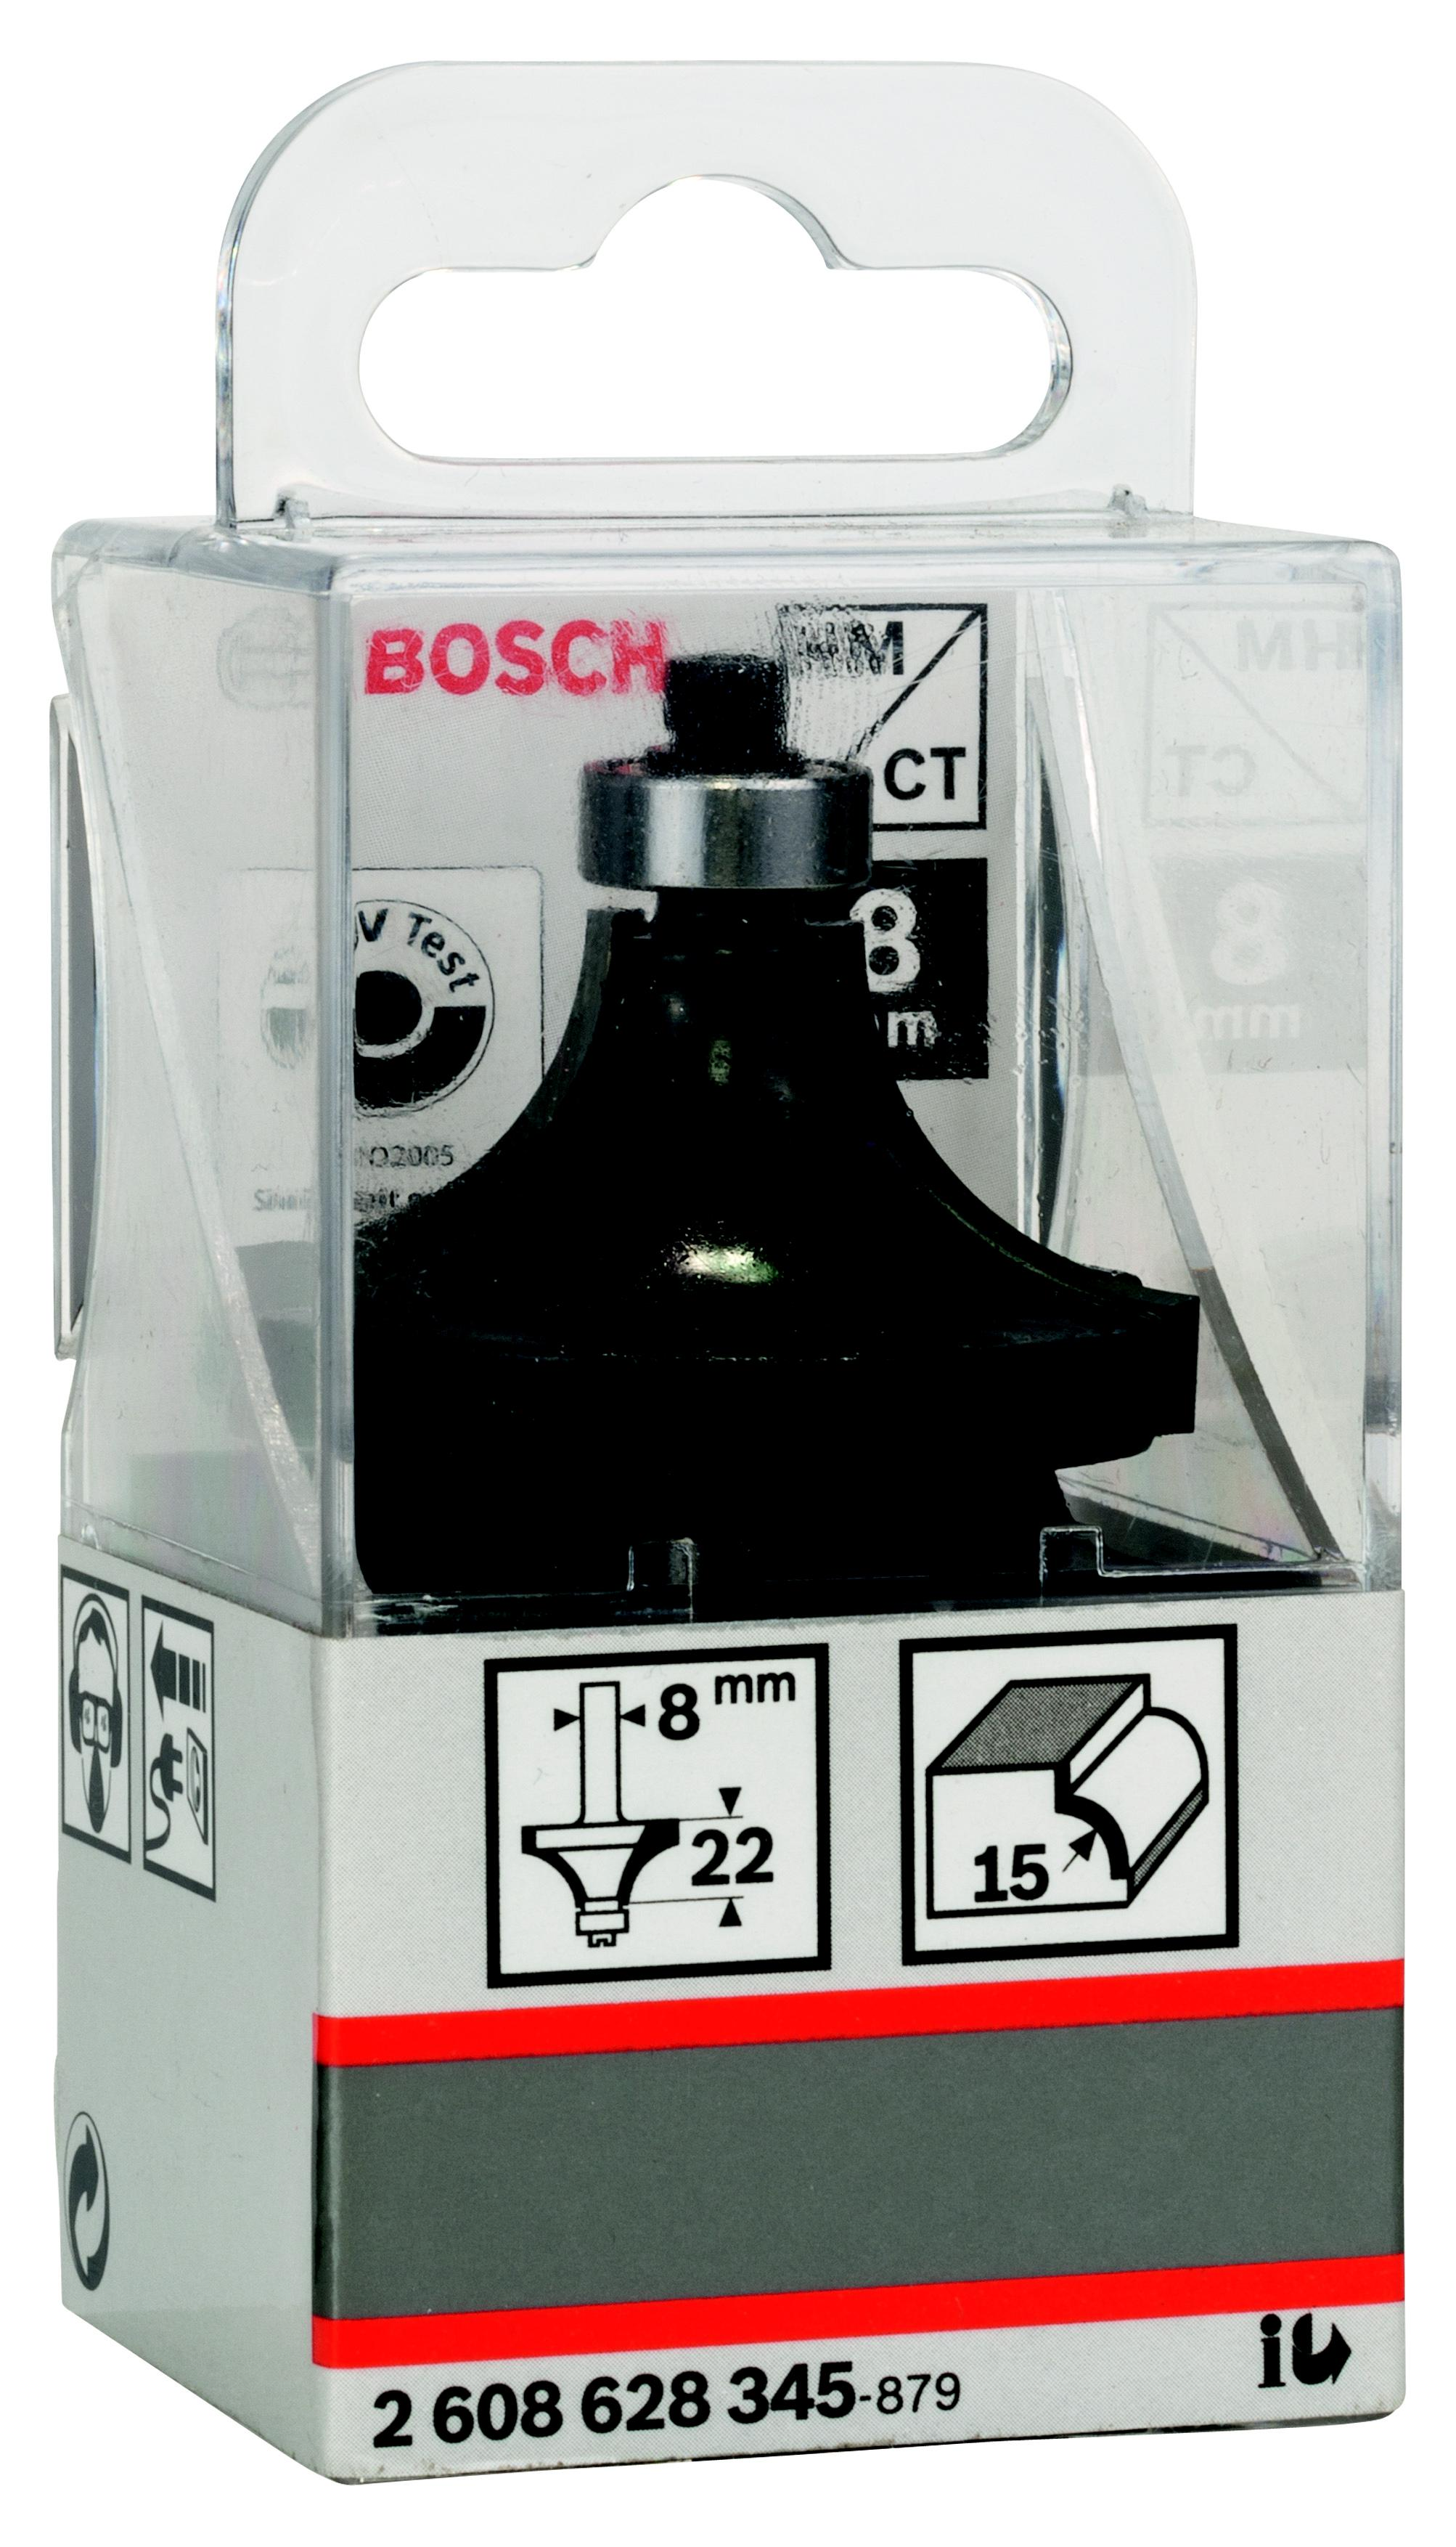 Купить Фреза Bosch карнизная 15/22/8 (2.608.628.345), Германия